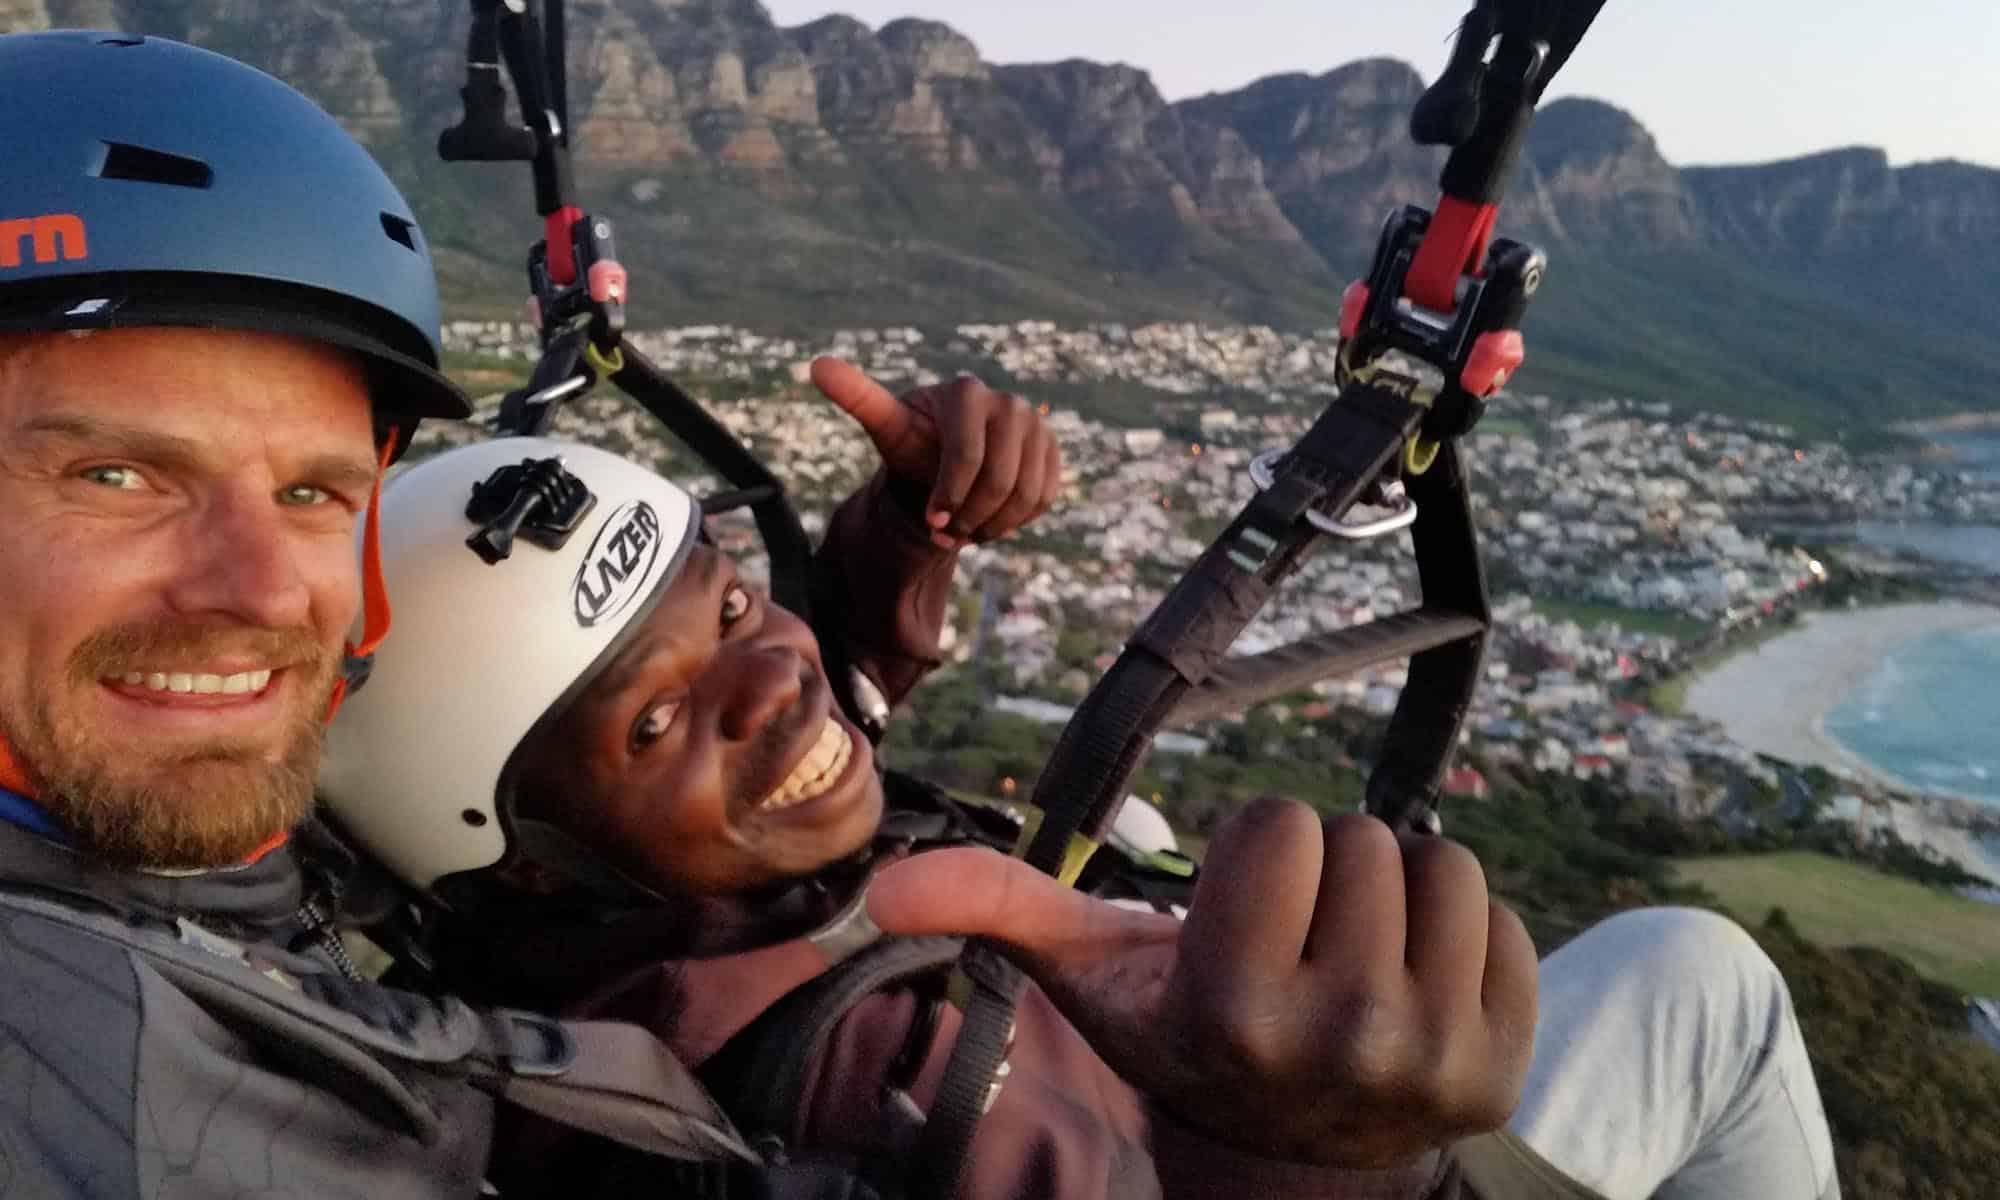 cape-hope-paragliding-12